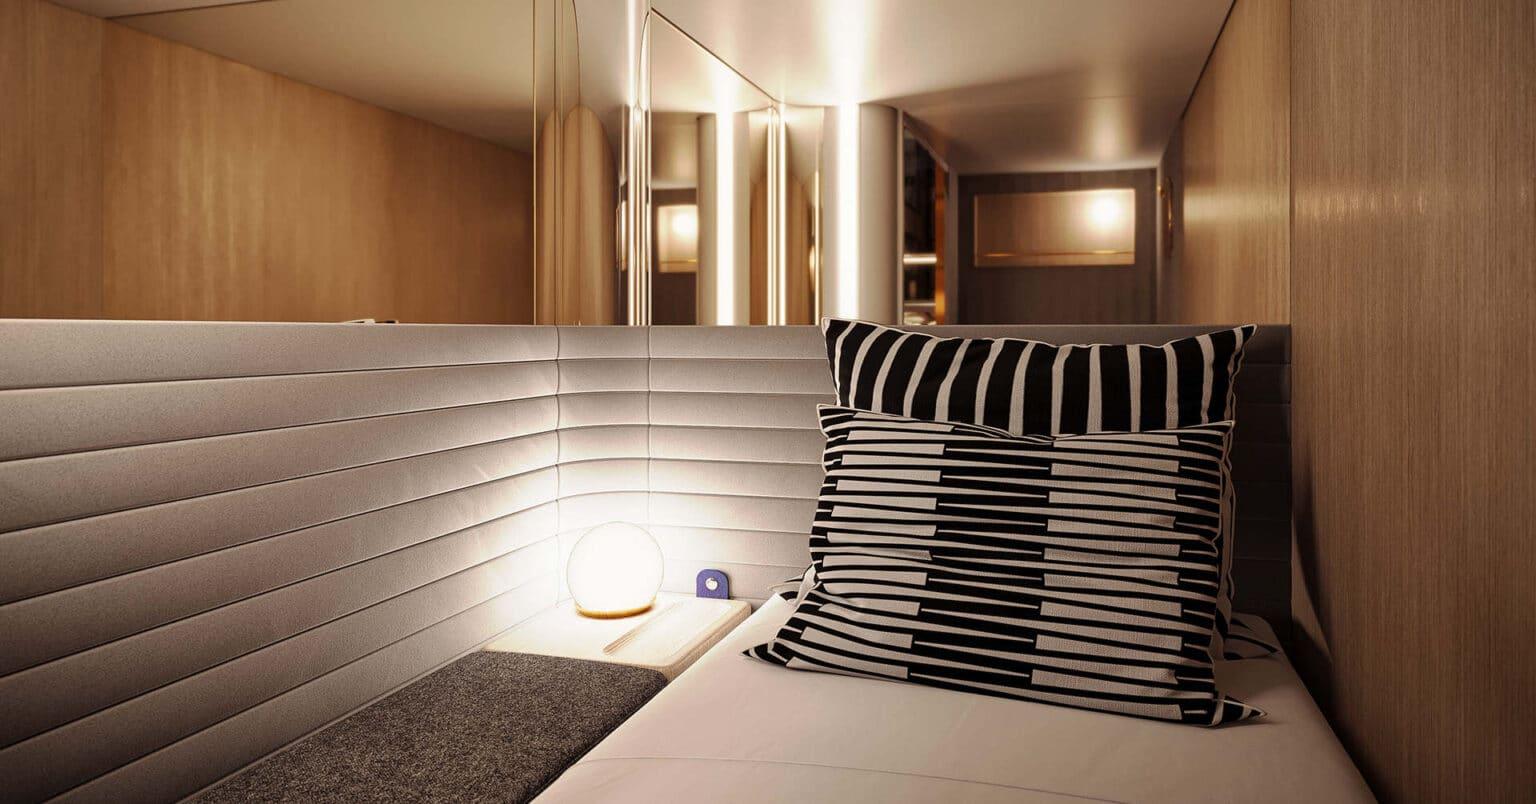 Diseño del interior de una de las habitaciones de Midnight Trains.